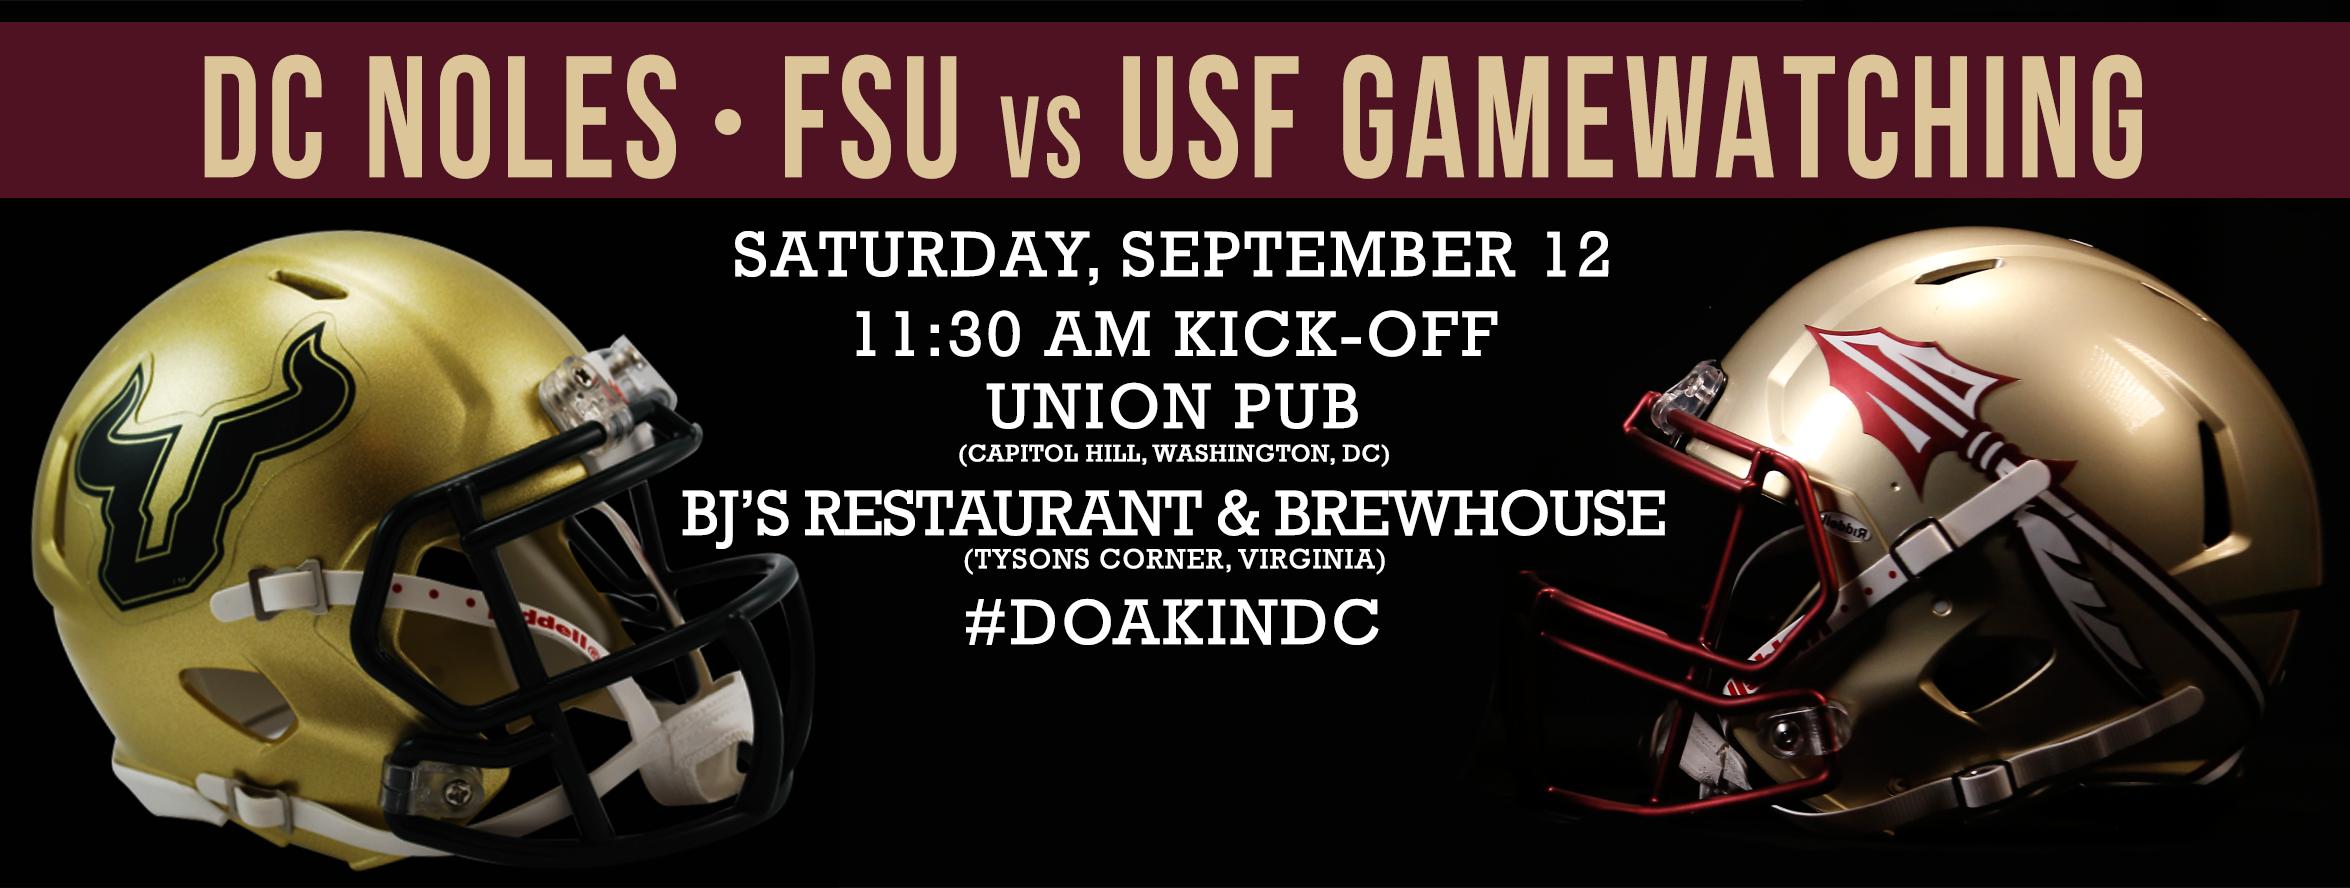 FSU vs USF Gamewatching